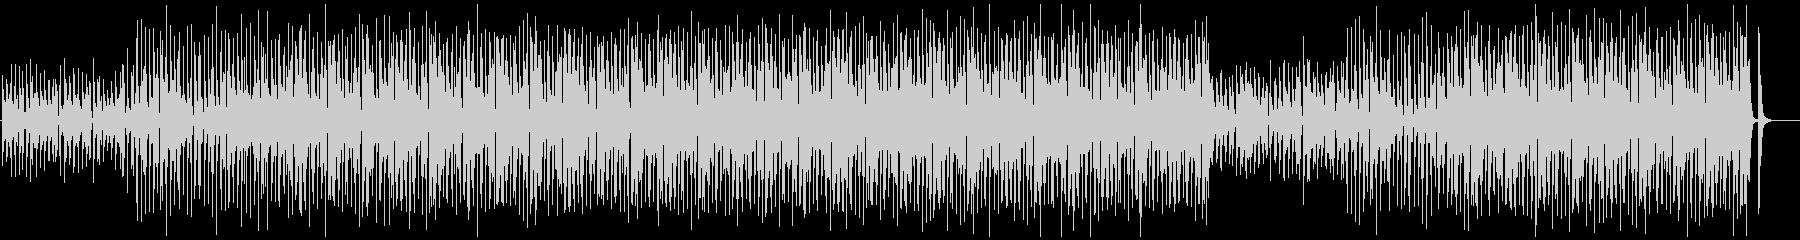 Happy, sunny, nimble, ukulele, whistling's unreproduced waveform